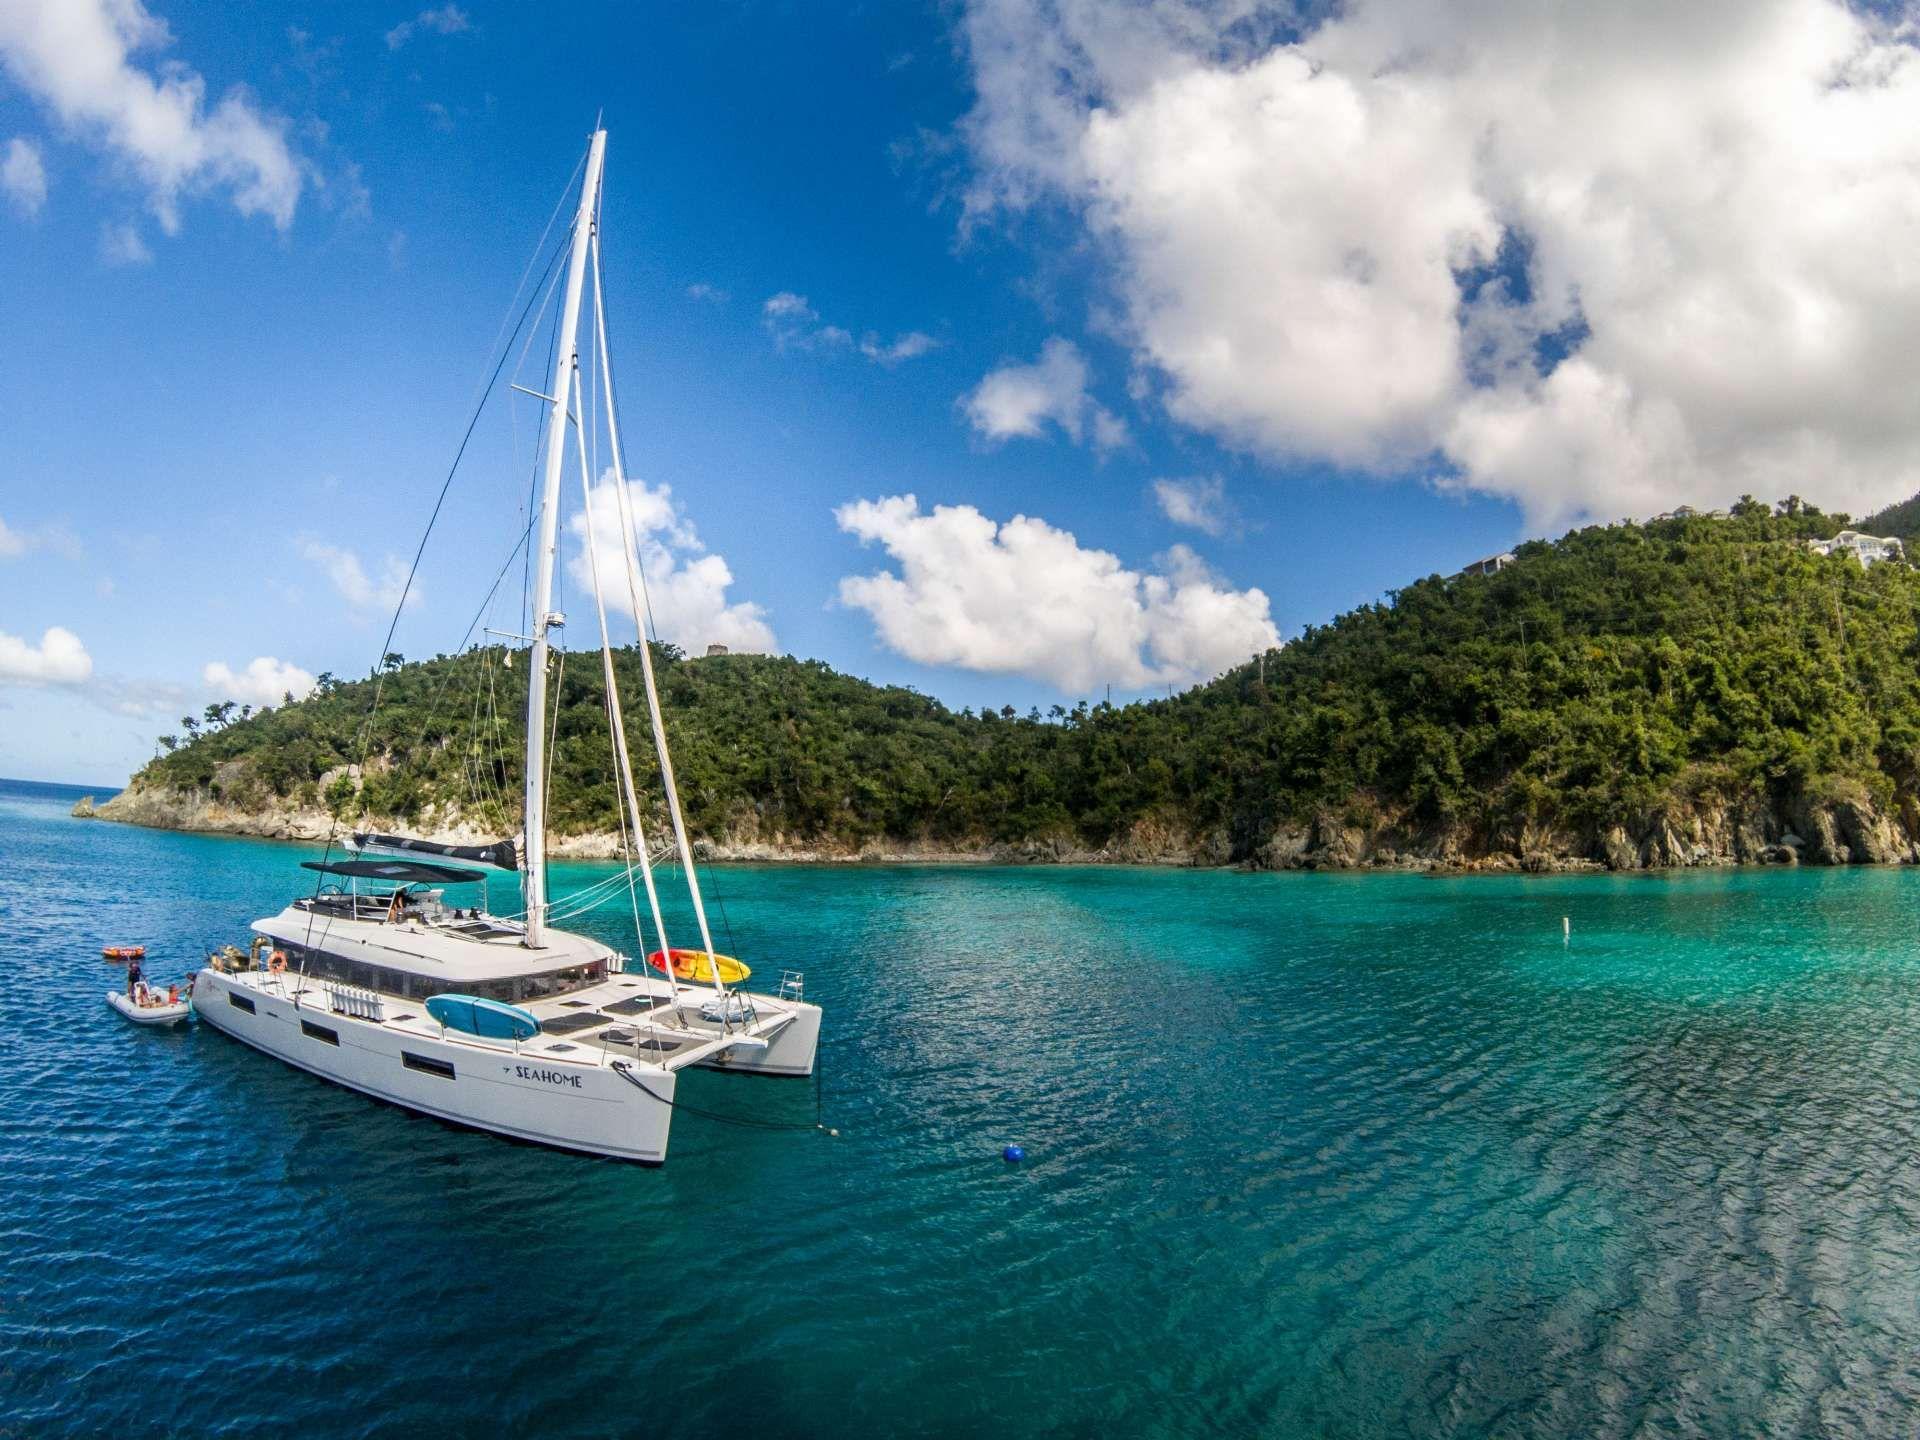 SEAHOME - Lagoon 620 - 5 Cabins - Tortola - St Thomas